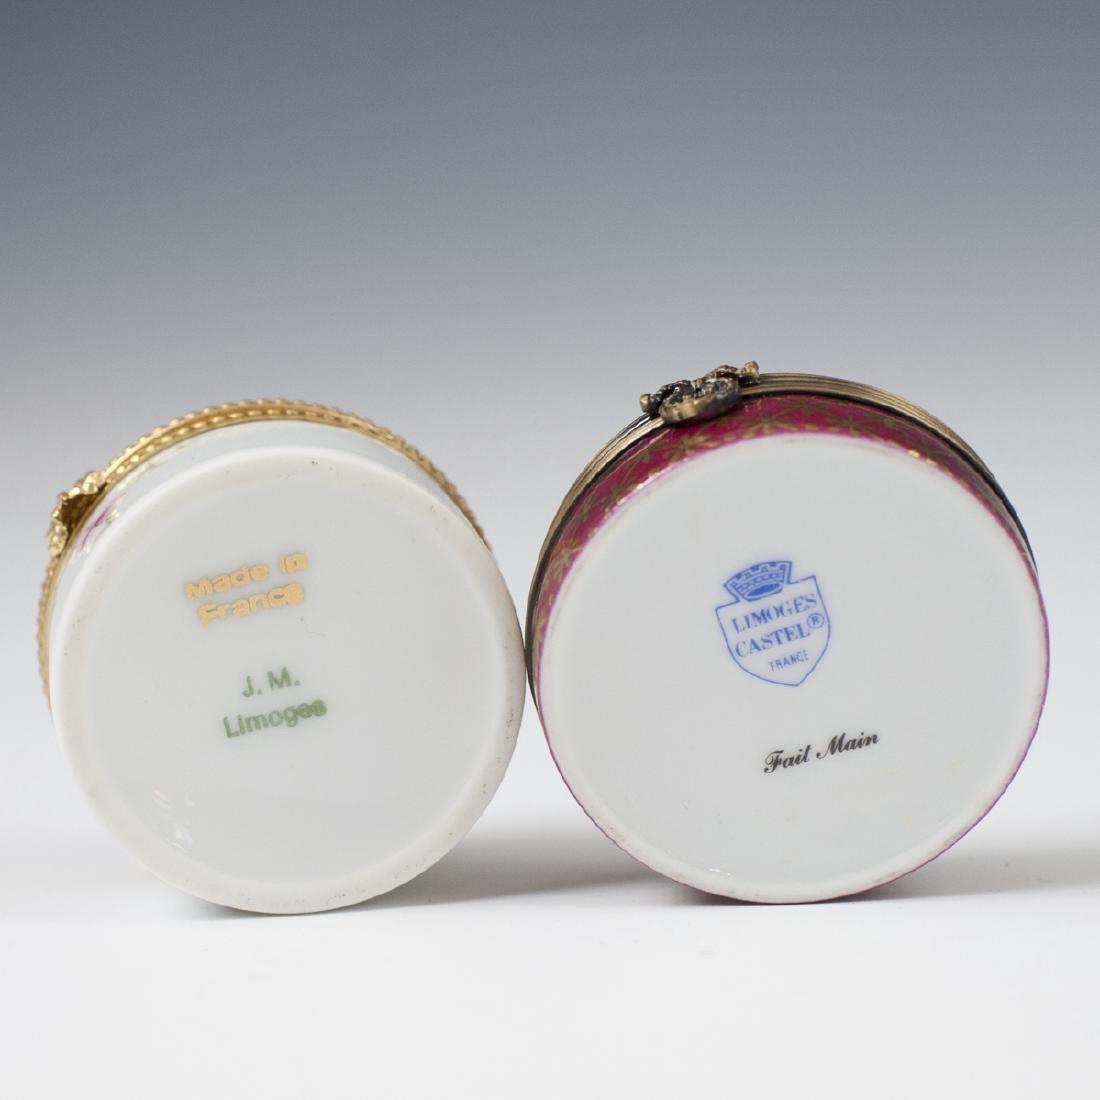 Limoges Porcelain Pill Boxes - 2